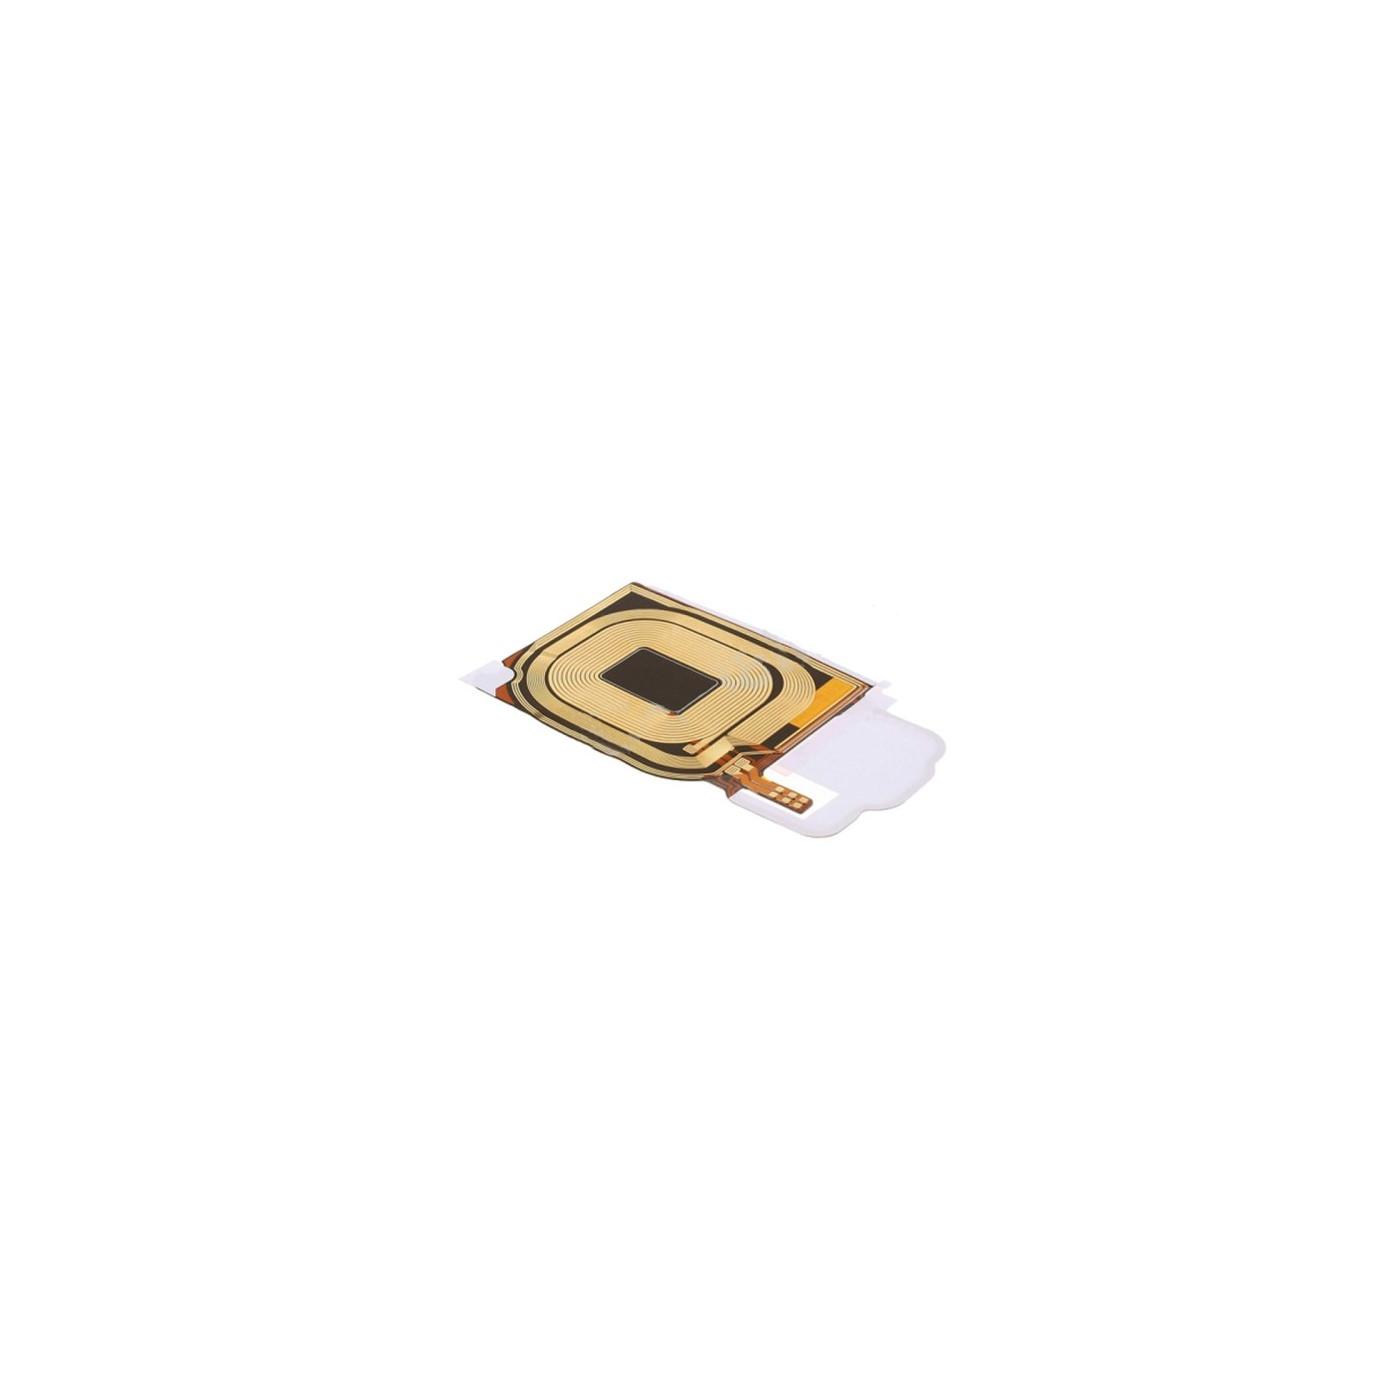 Récepteur de recharge sans fil à puce NFC IC pour Galaxy S6 Edge G925